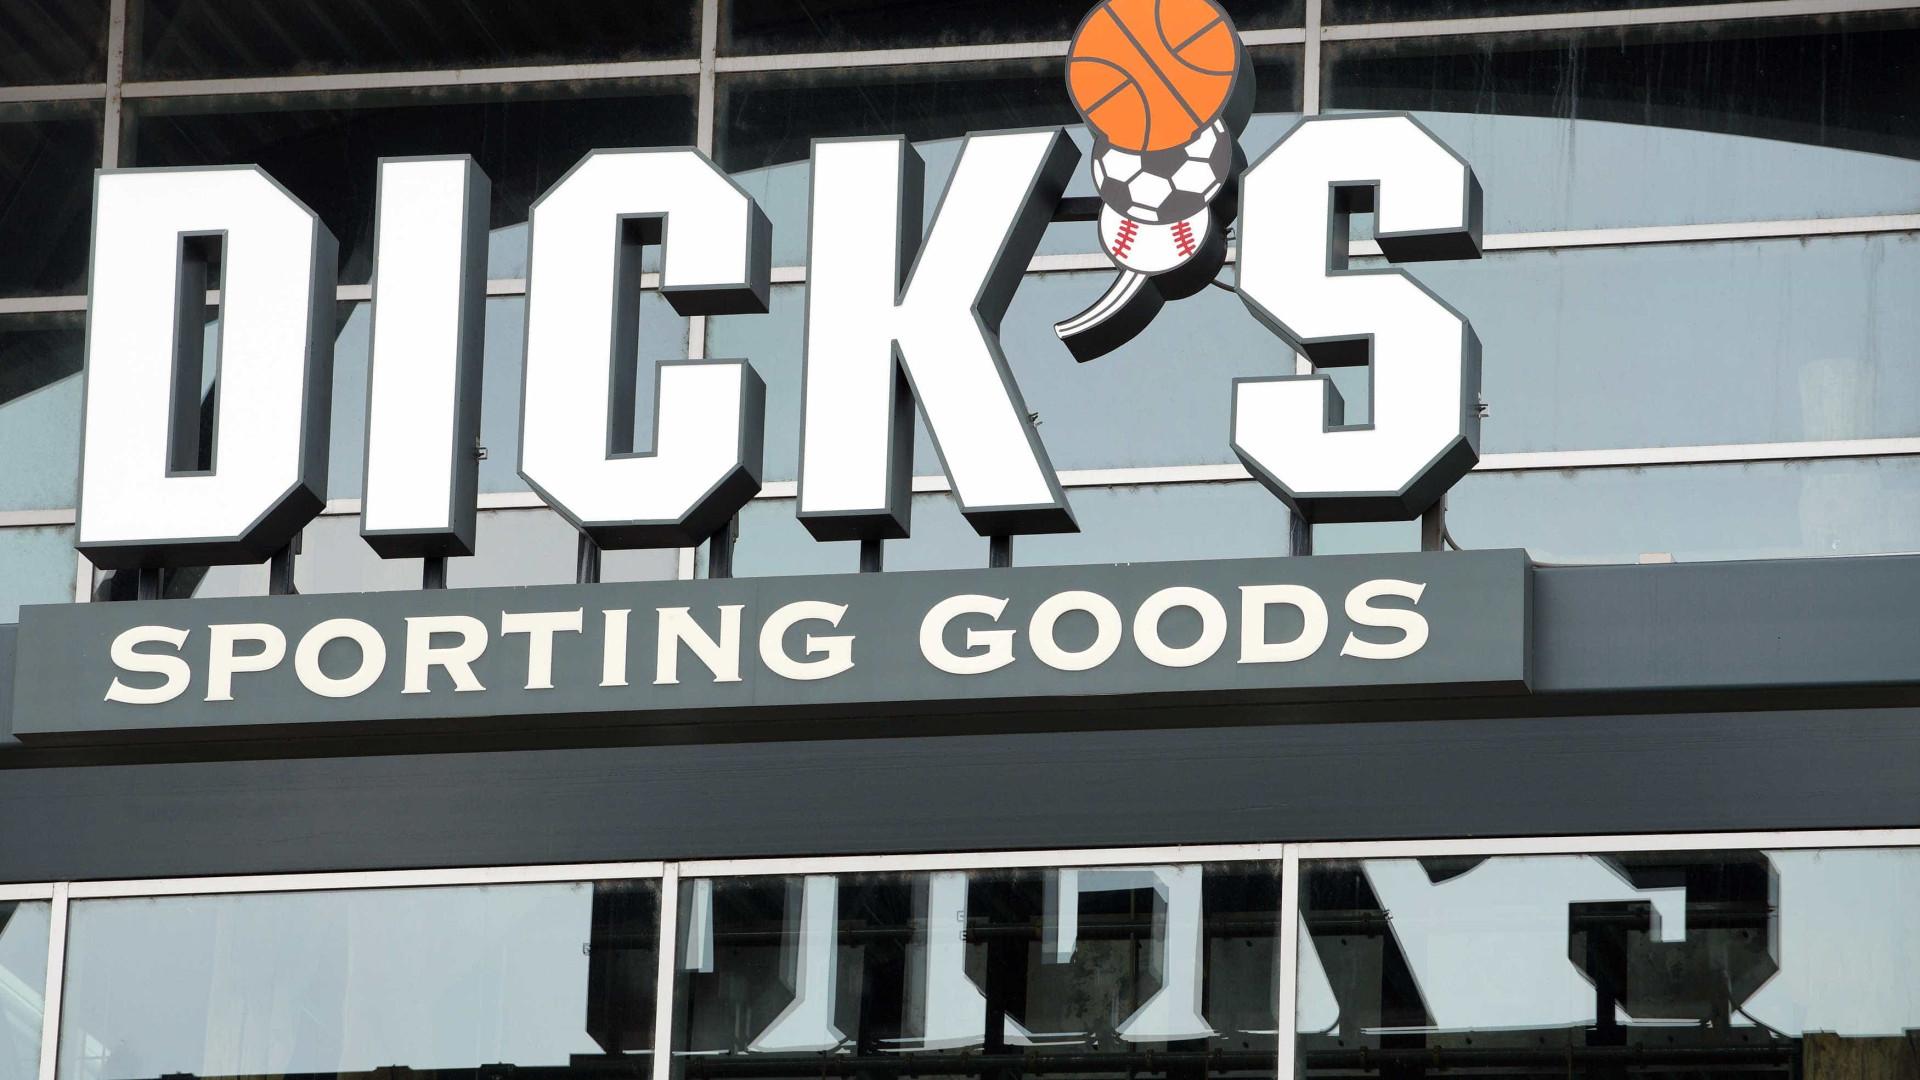 Uma das principais lojas de armas dos EUA anuncia restrições